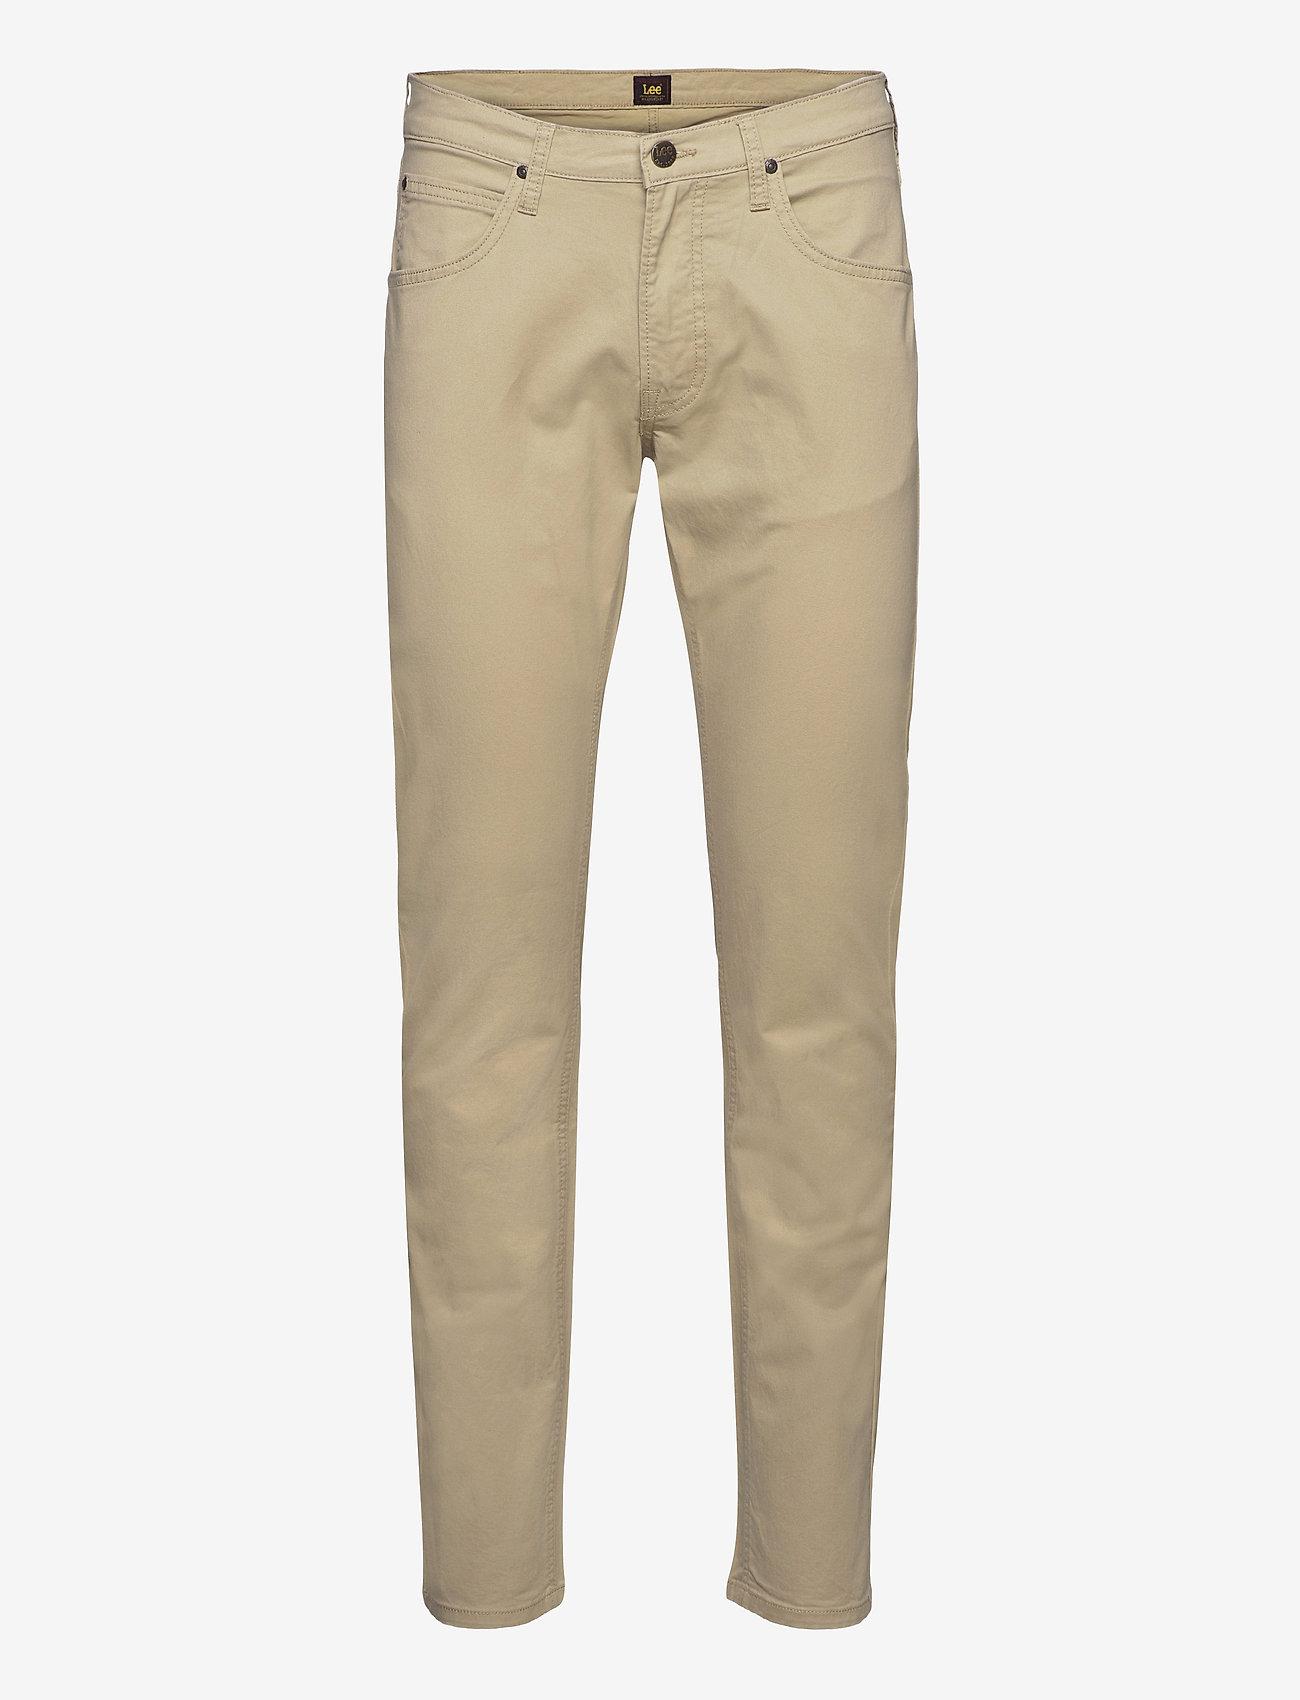 Lee Jeans - DAREN ZIP FLY - regular jeans - service sand - 0